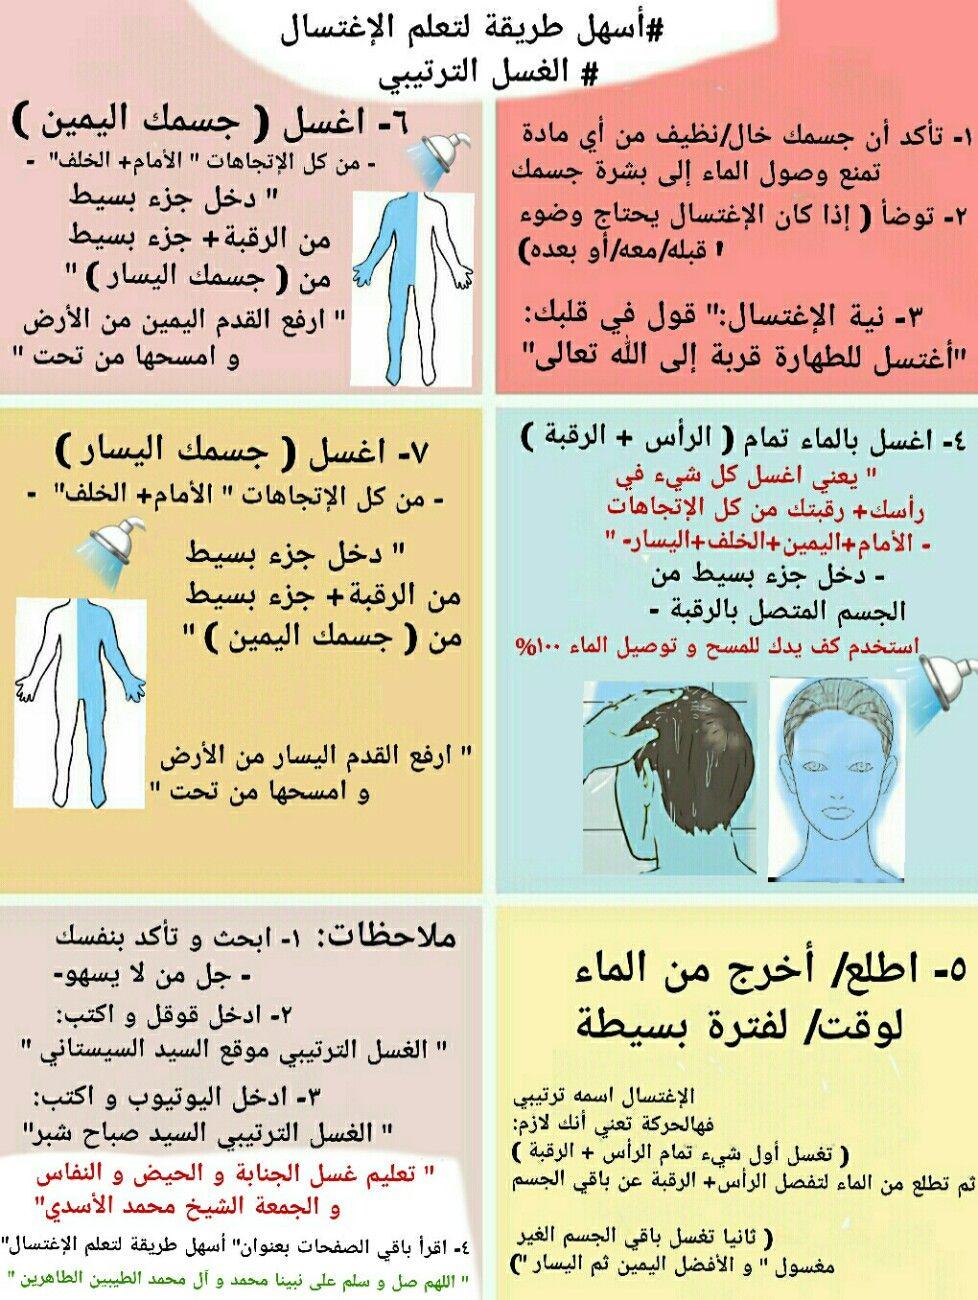 أسهل طريقة لتعلم الإغتسال الغسل الترتيبي الدورة الشهرية الجنابة Arabic Quotes Ecards Quotes